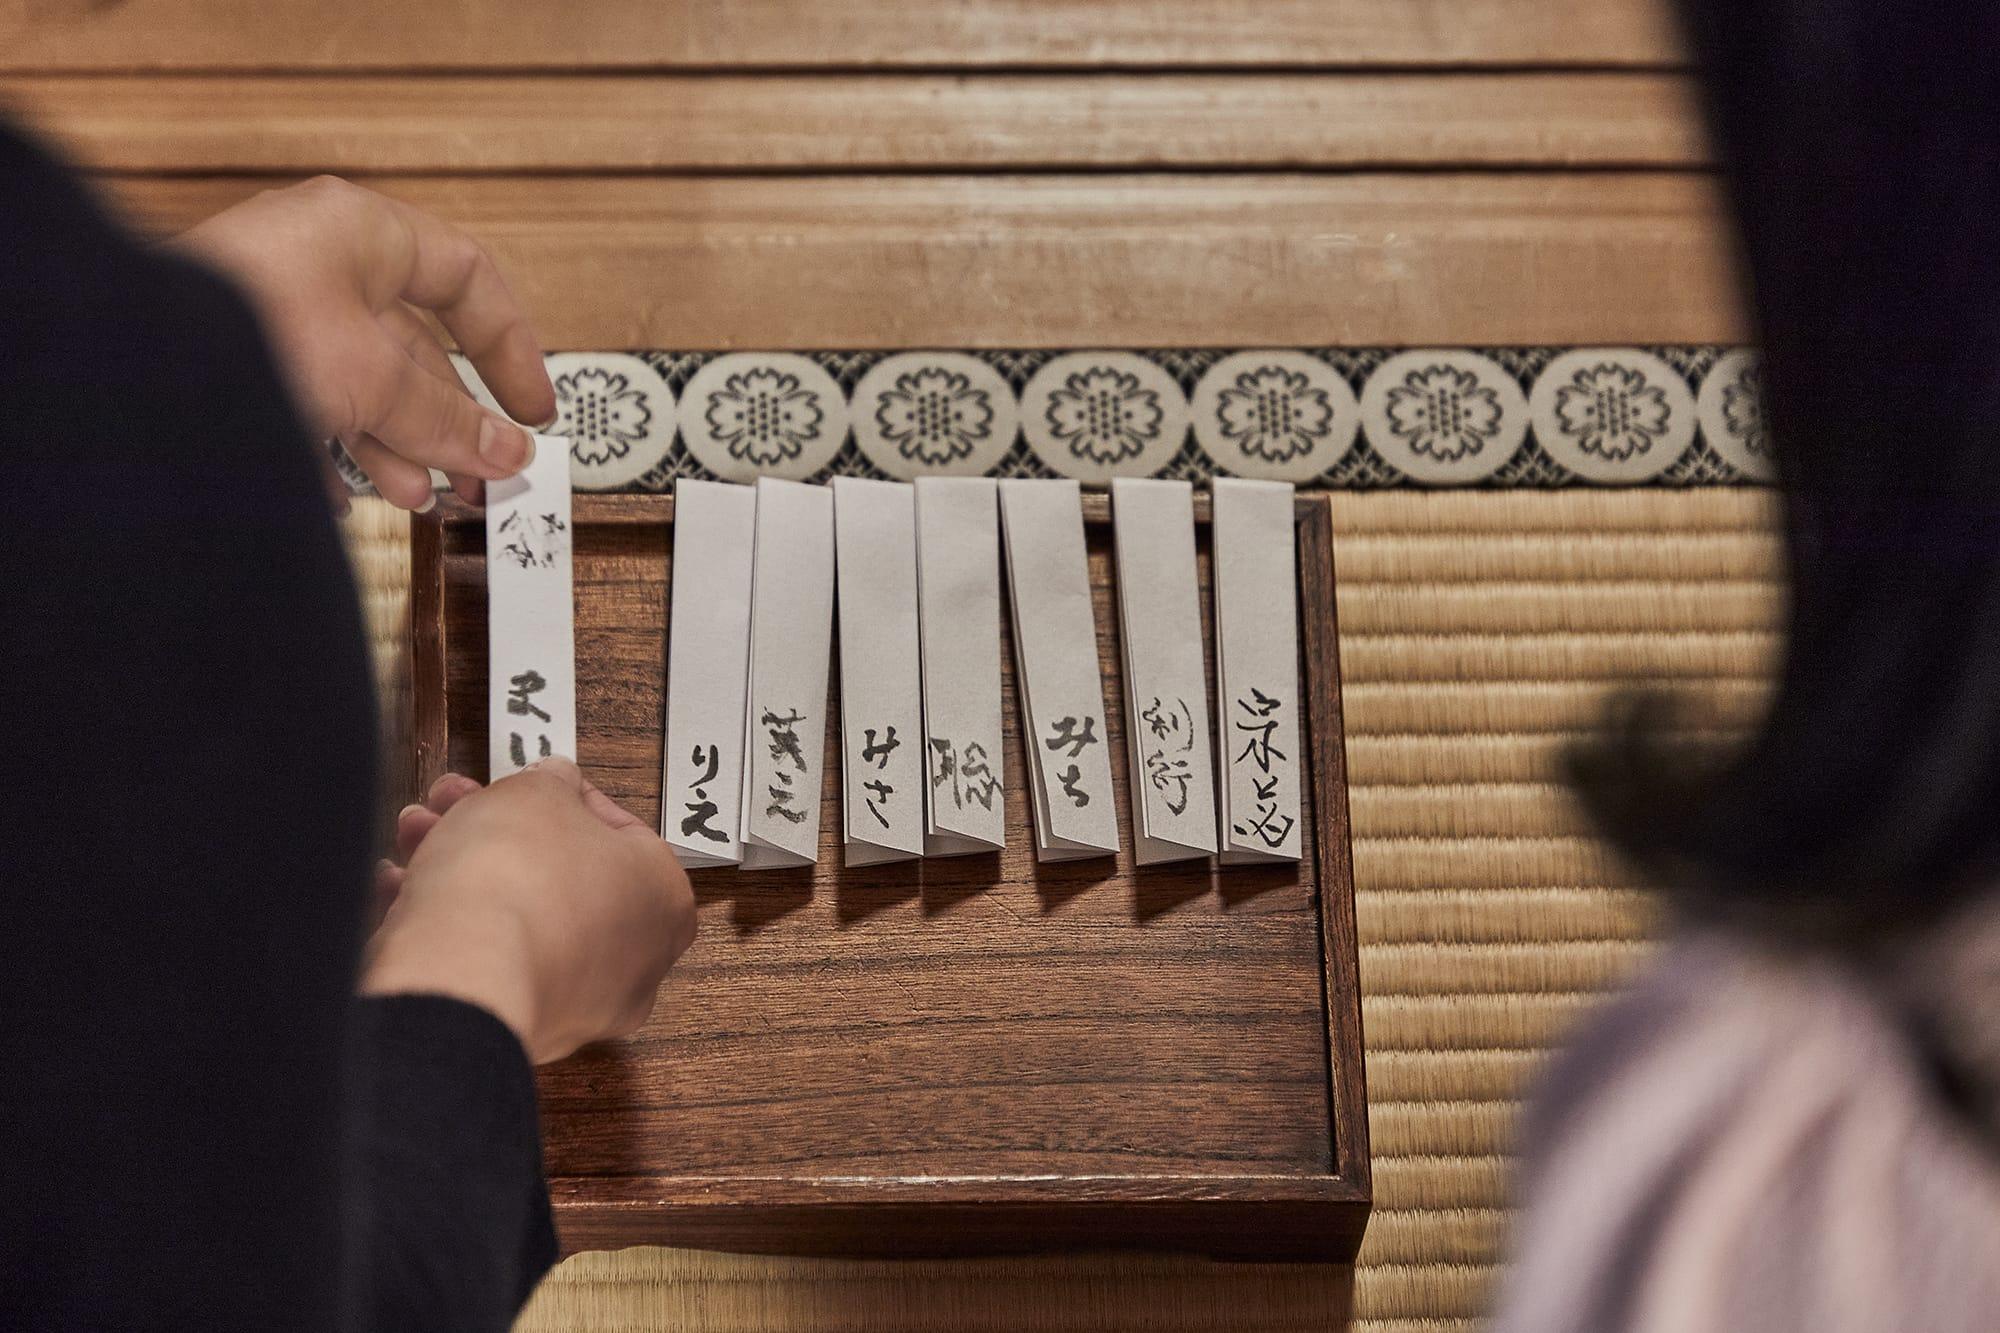 それぞれに香の名前が書かれた懐紙が並ぶ。